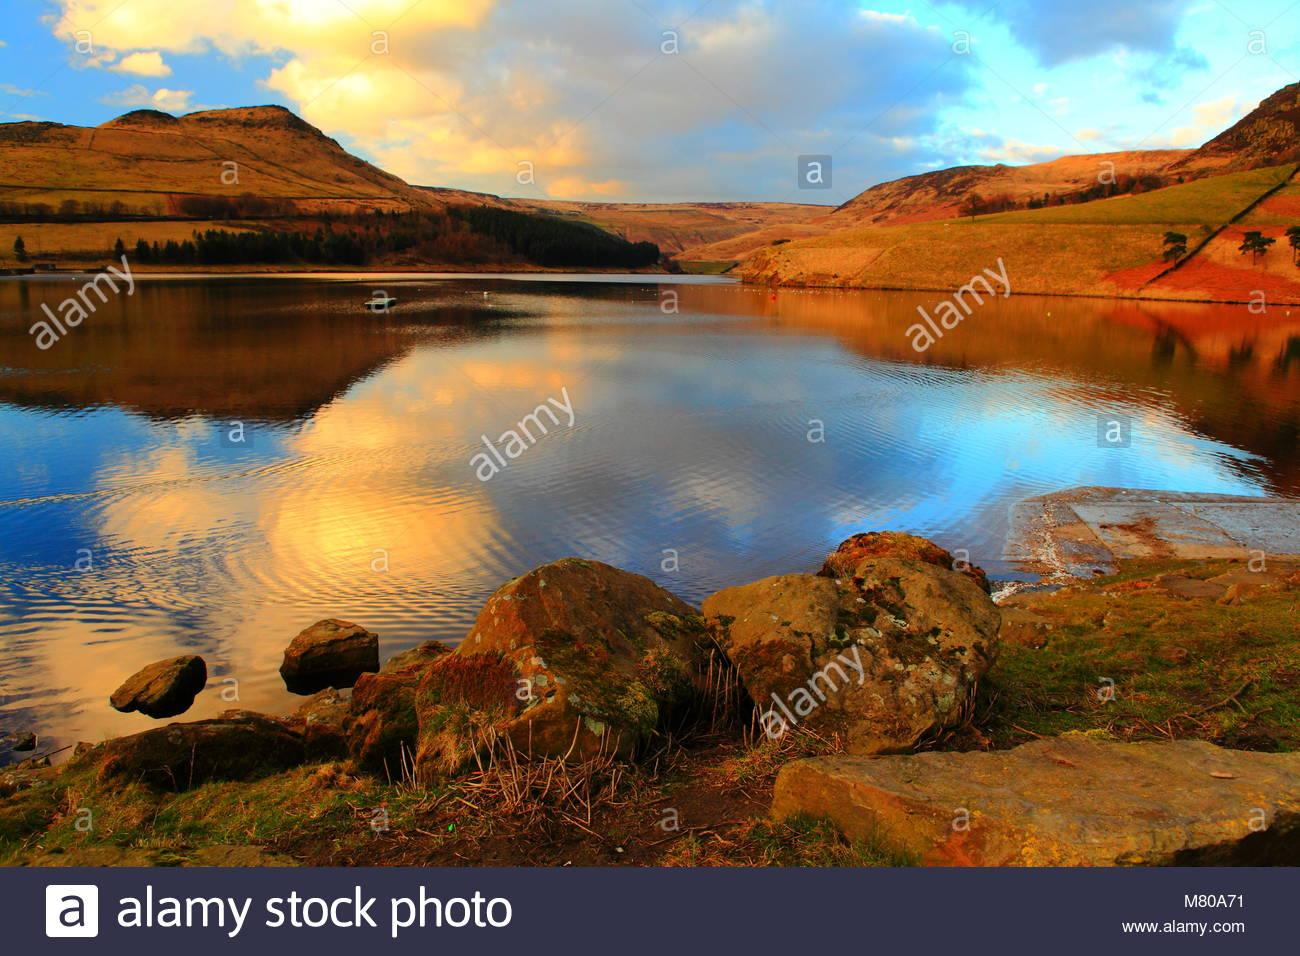 Paloma de piedra en el Parque Nacional de Peak District tarde al inicio de la primavera, de marzo de 2018 Imagen De Stock